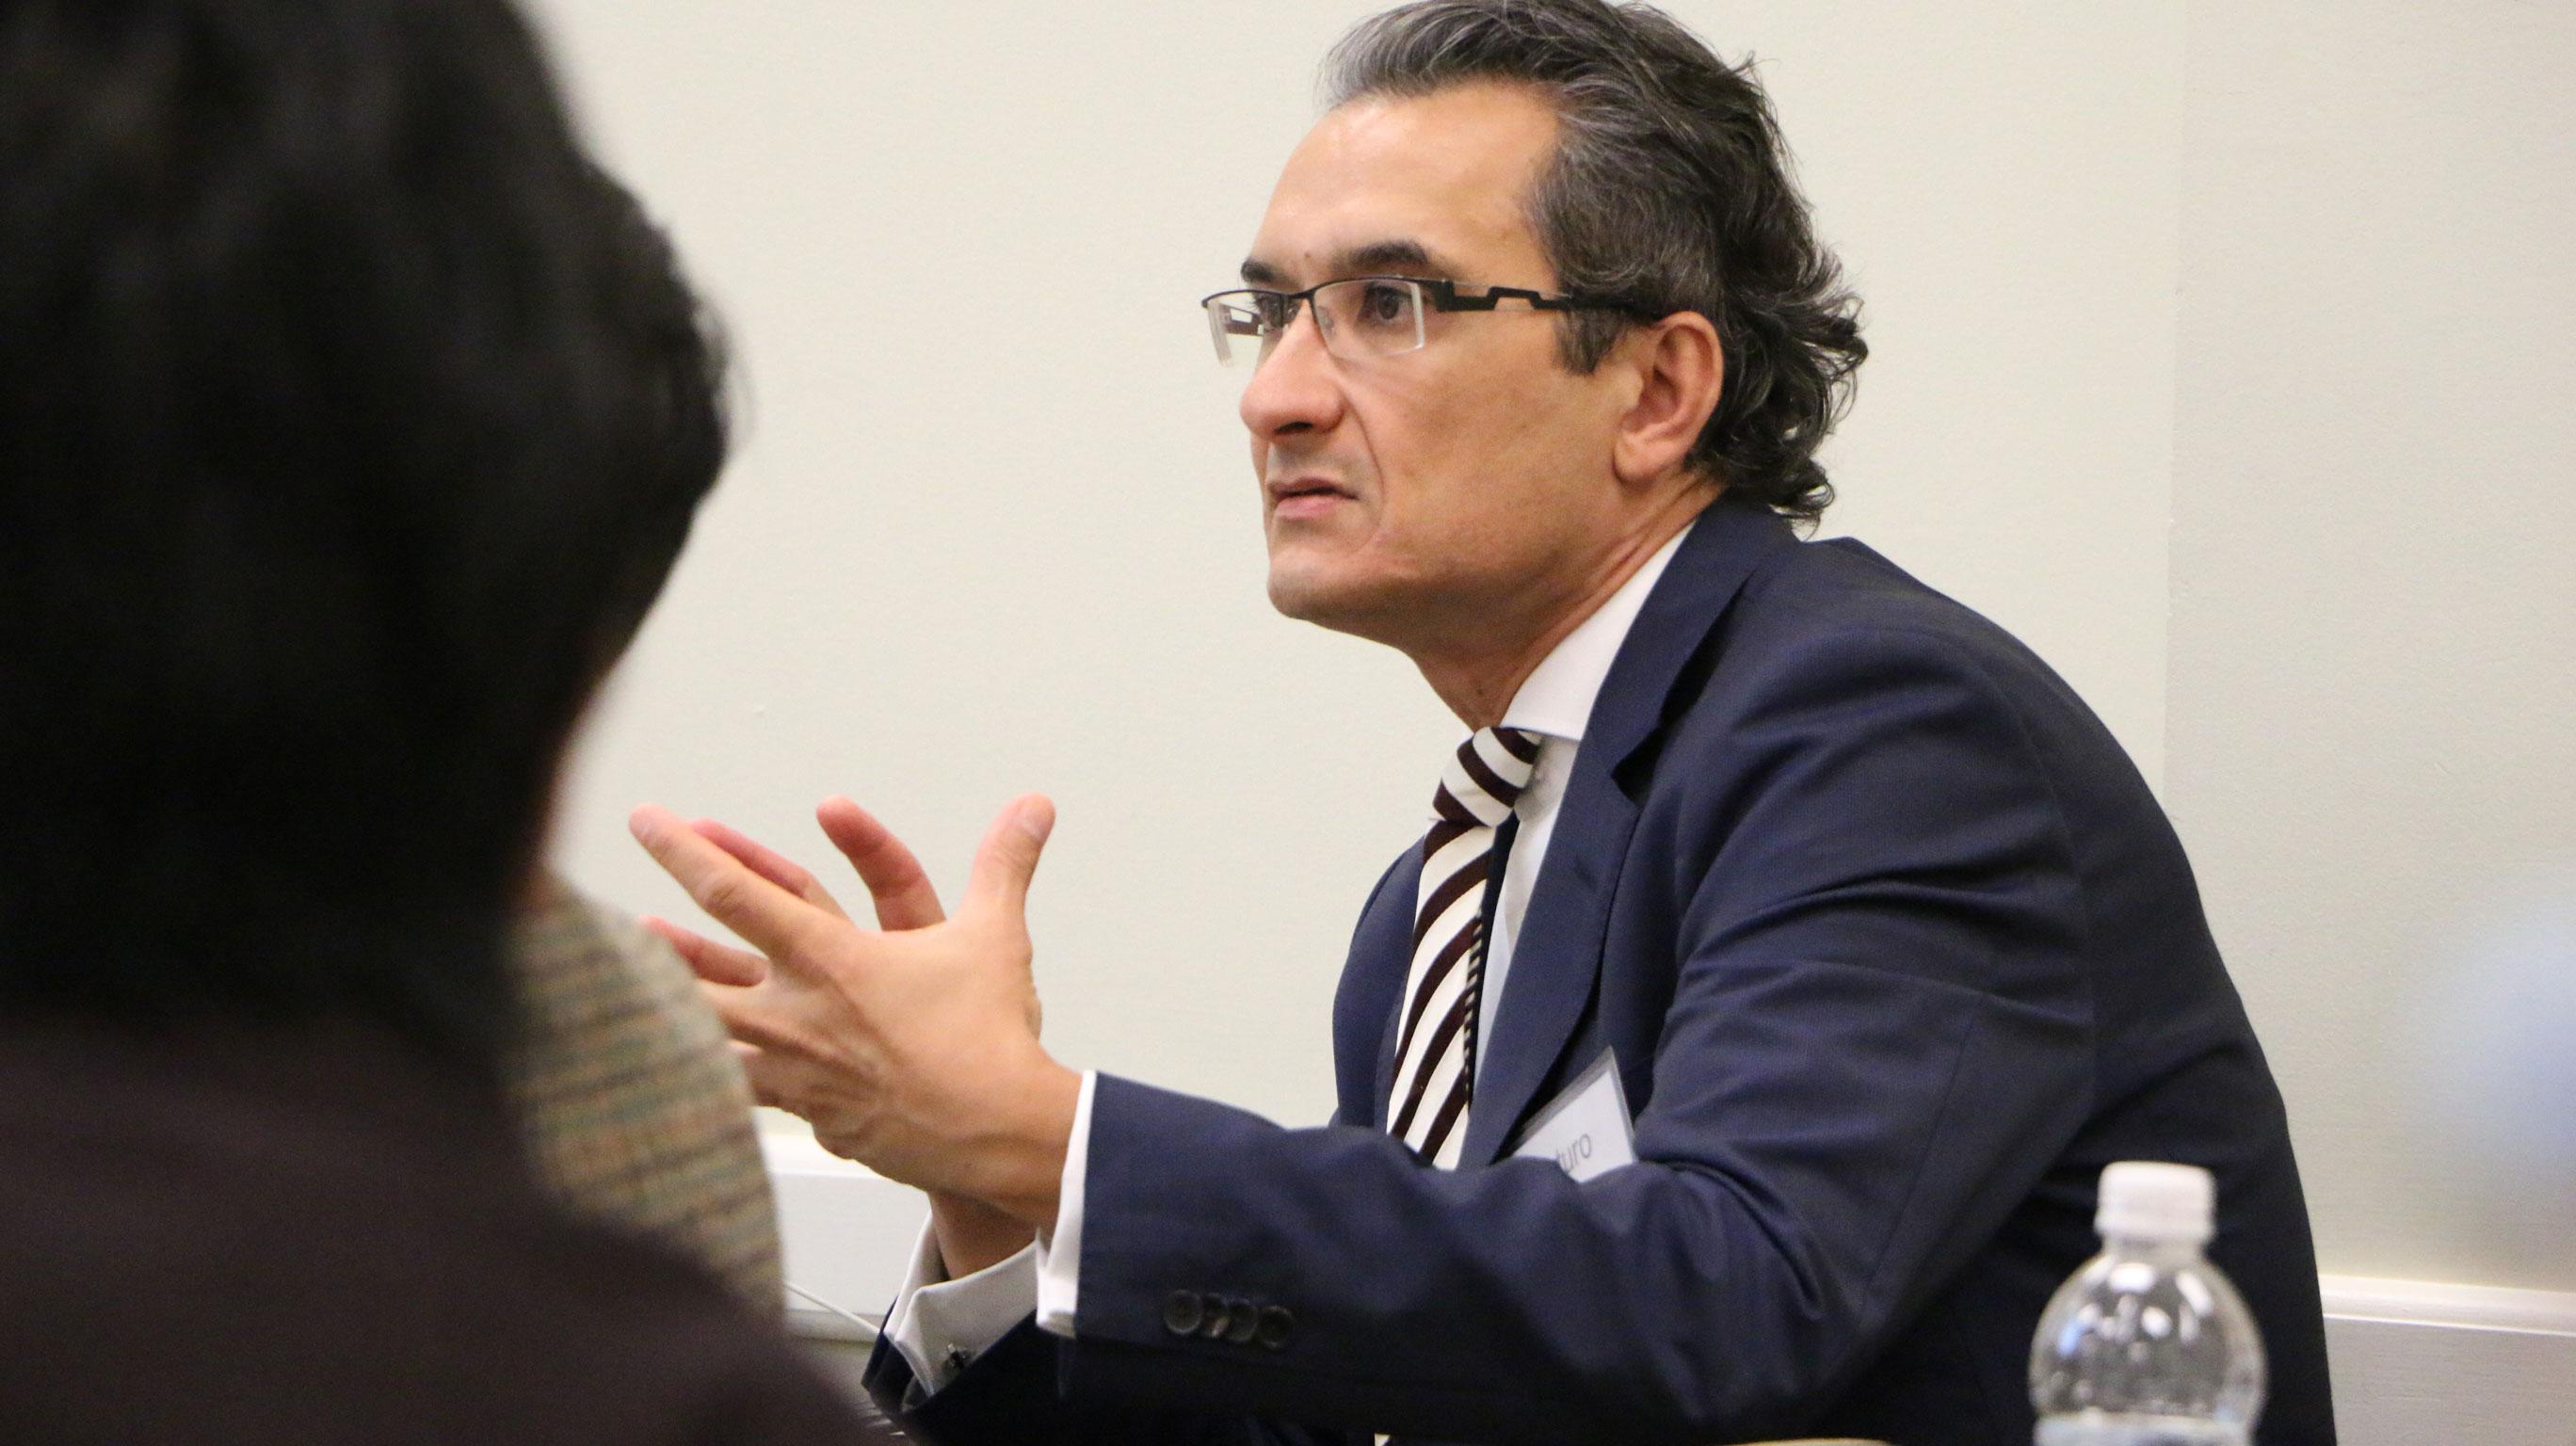 Panelist Arturo Bris